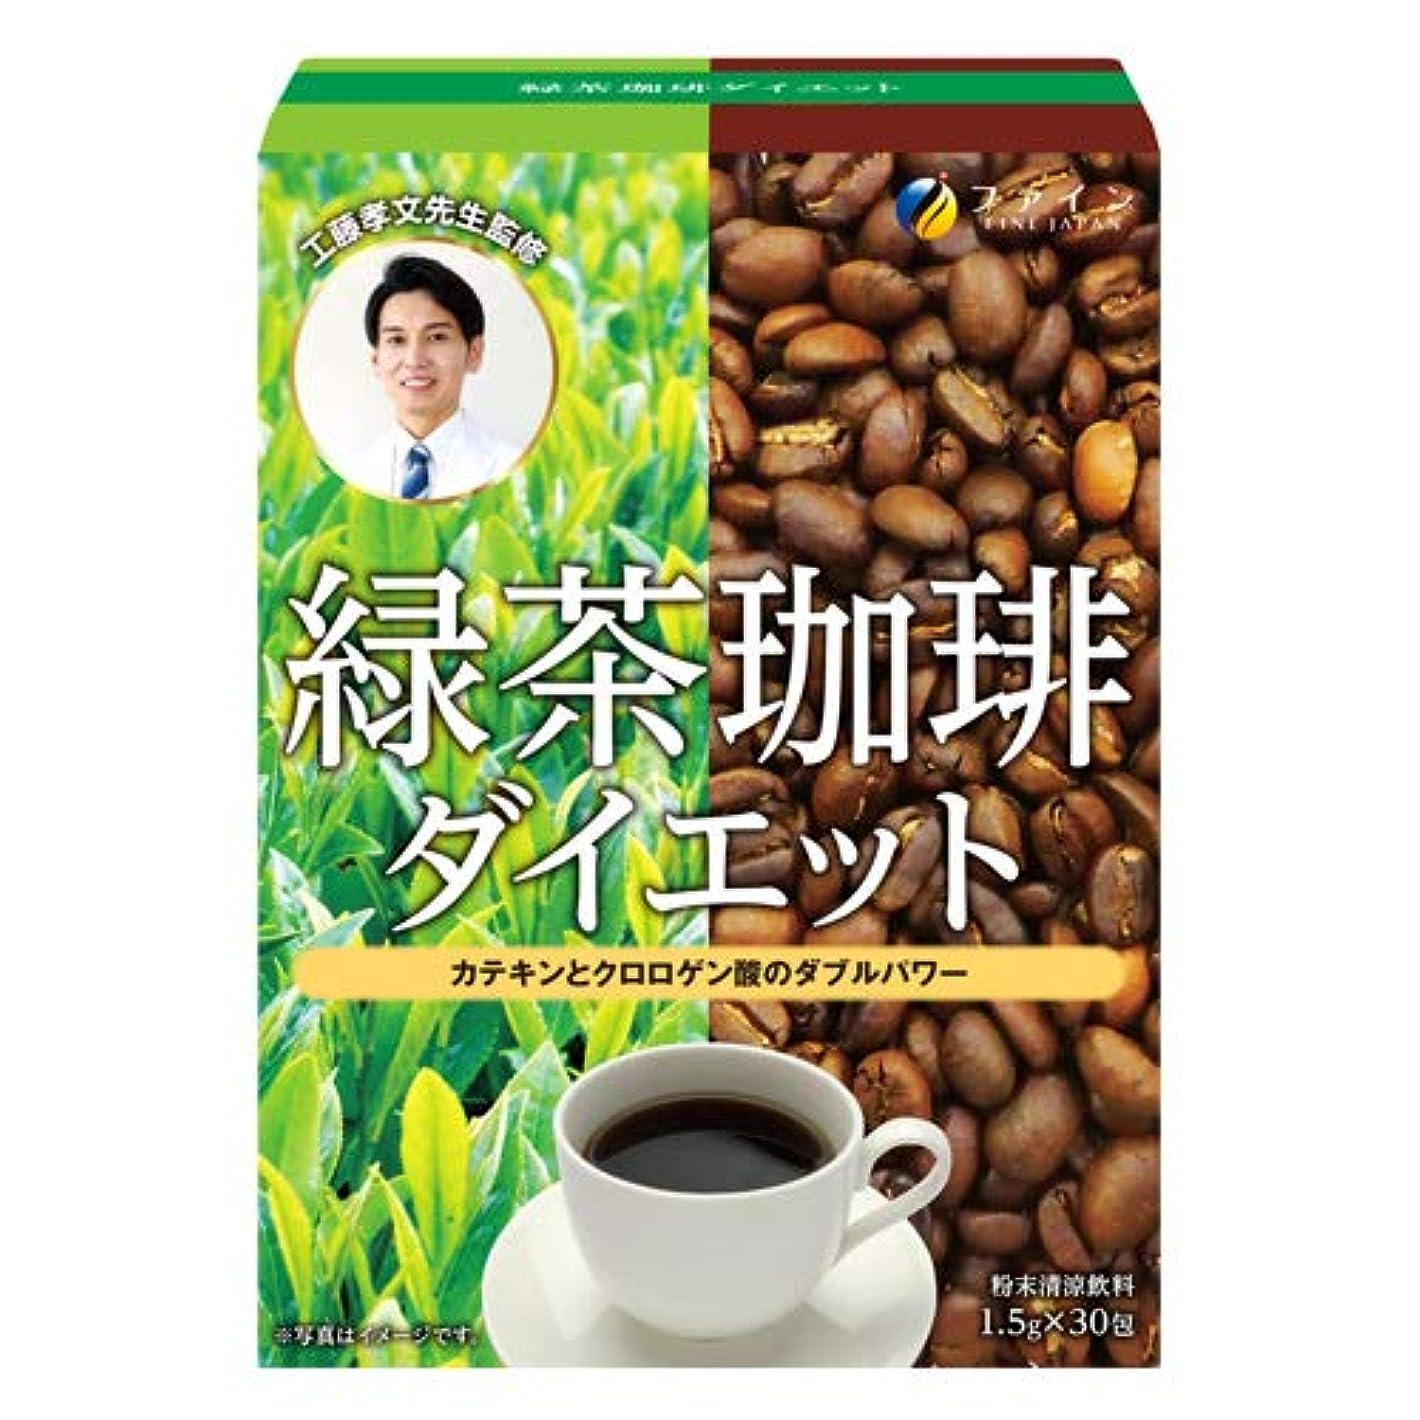 赤面調整可能サンダー緑茶コーヒーダイエット 【30箱組】